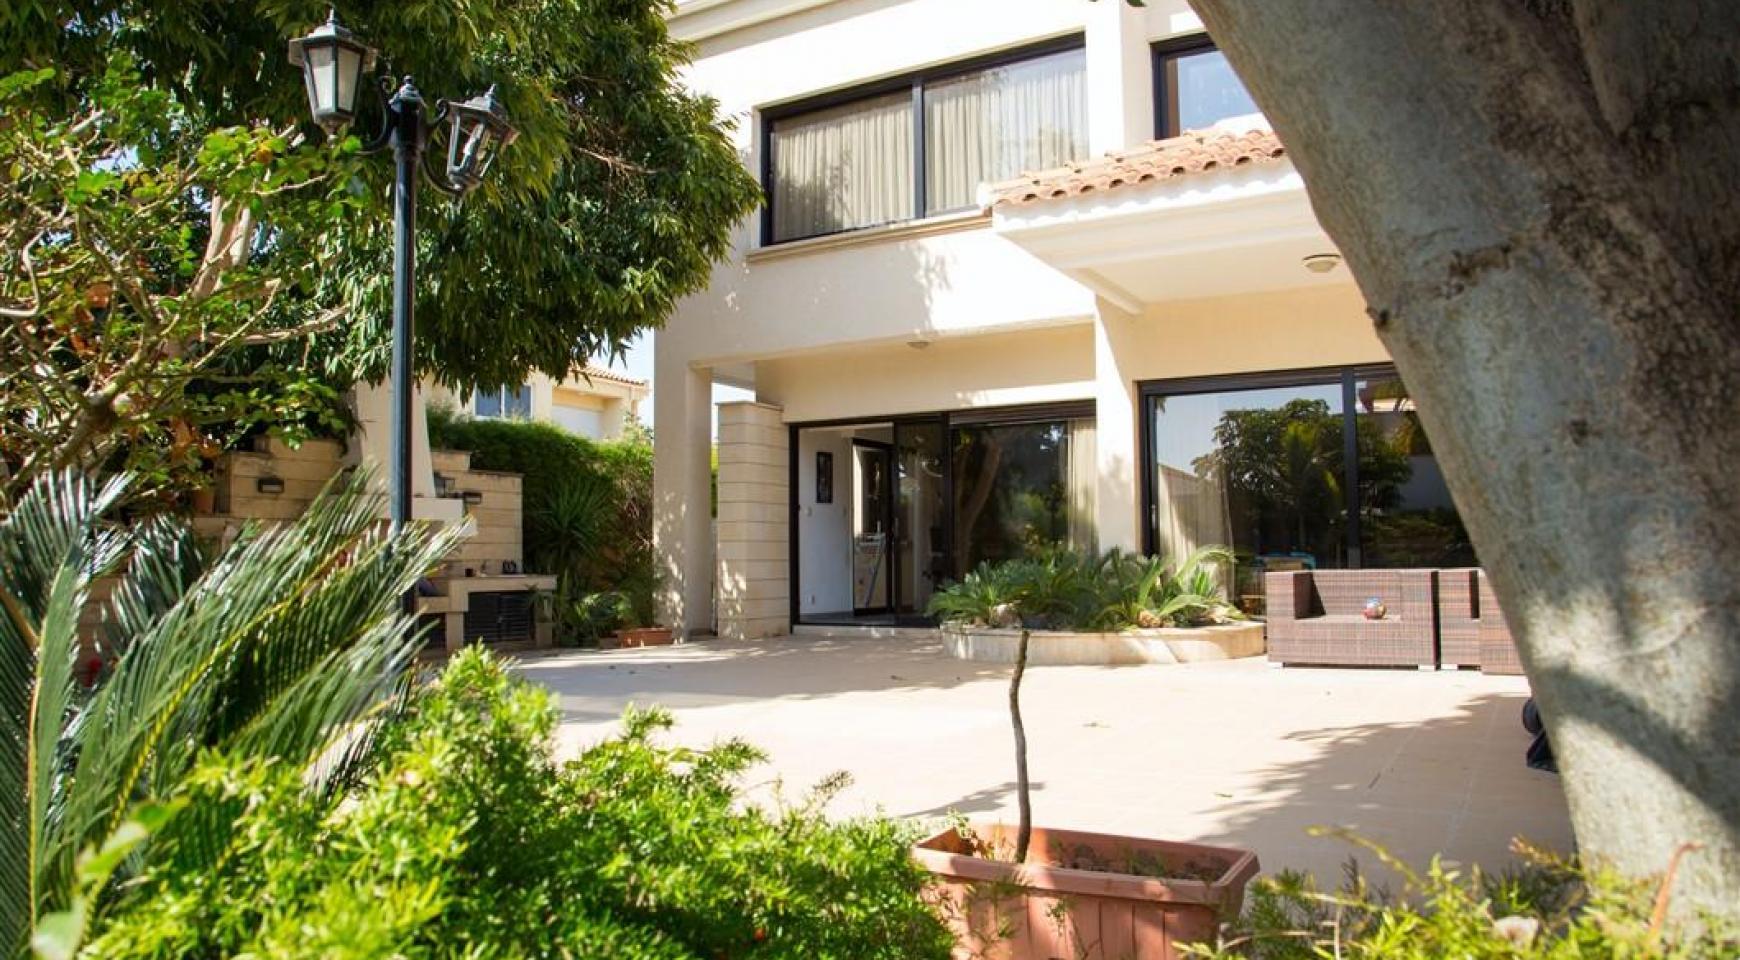 4 Bedroom Villa in Germasogeia Area - 2